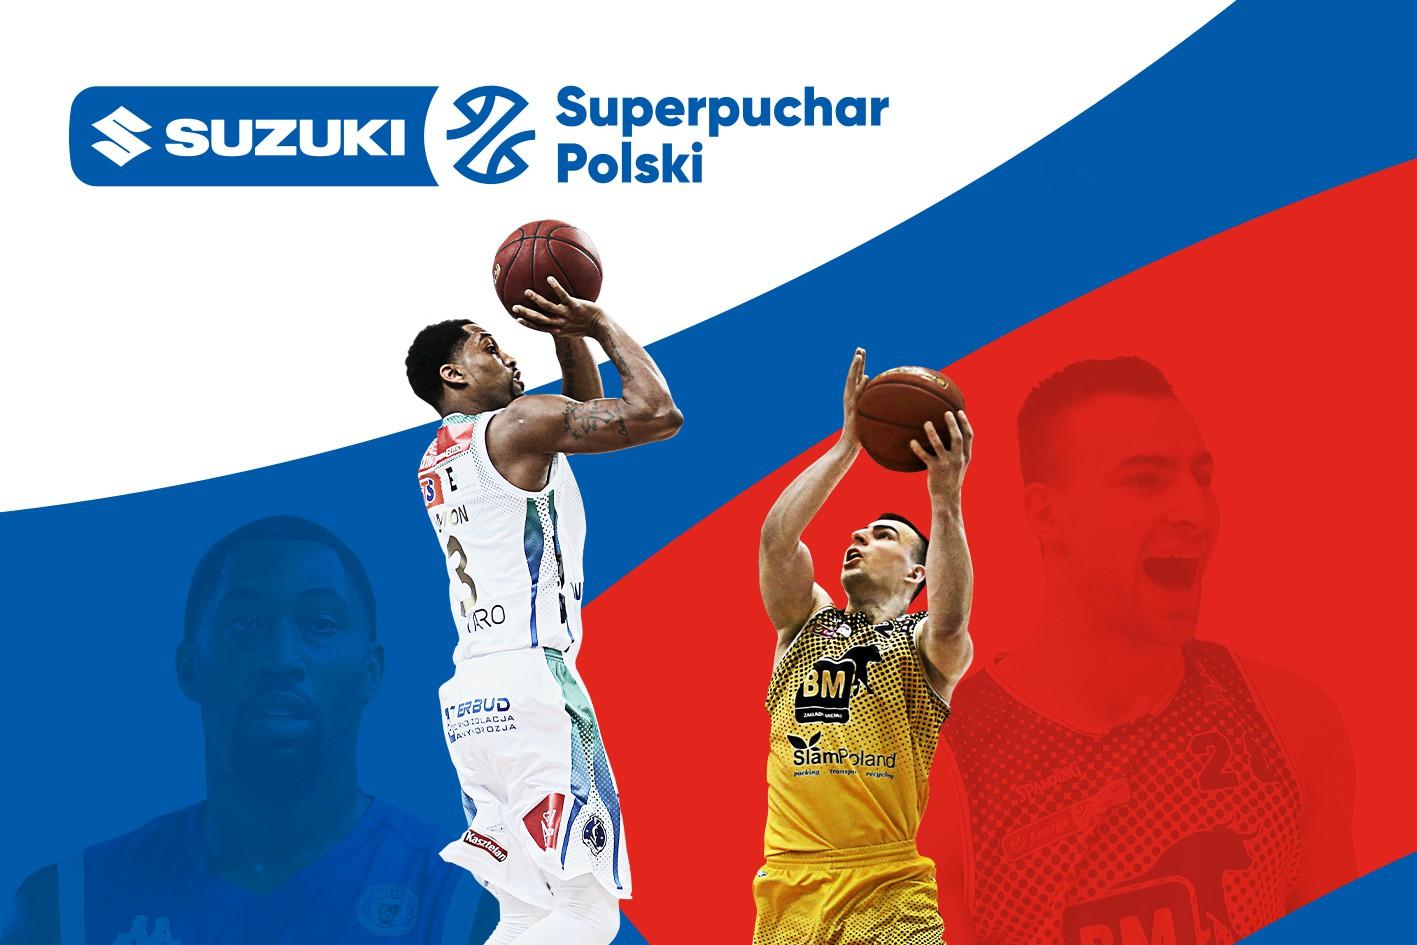 Bilety na Suzuki Superpuchar Polski 2019